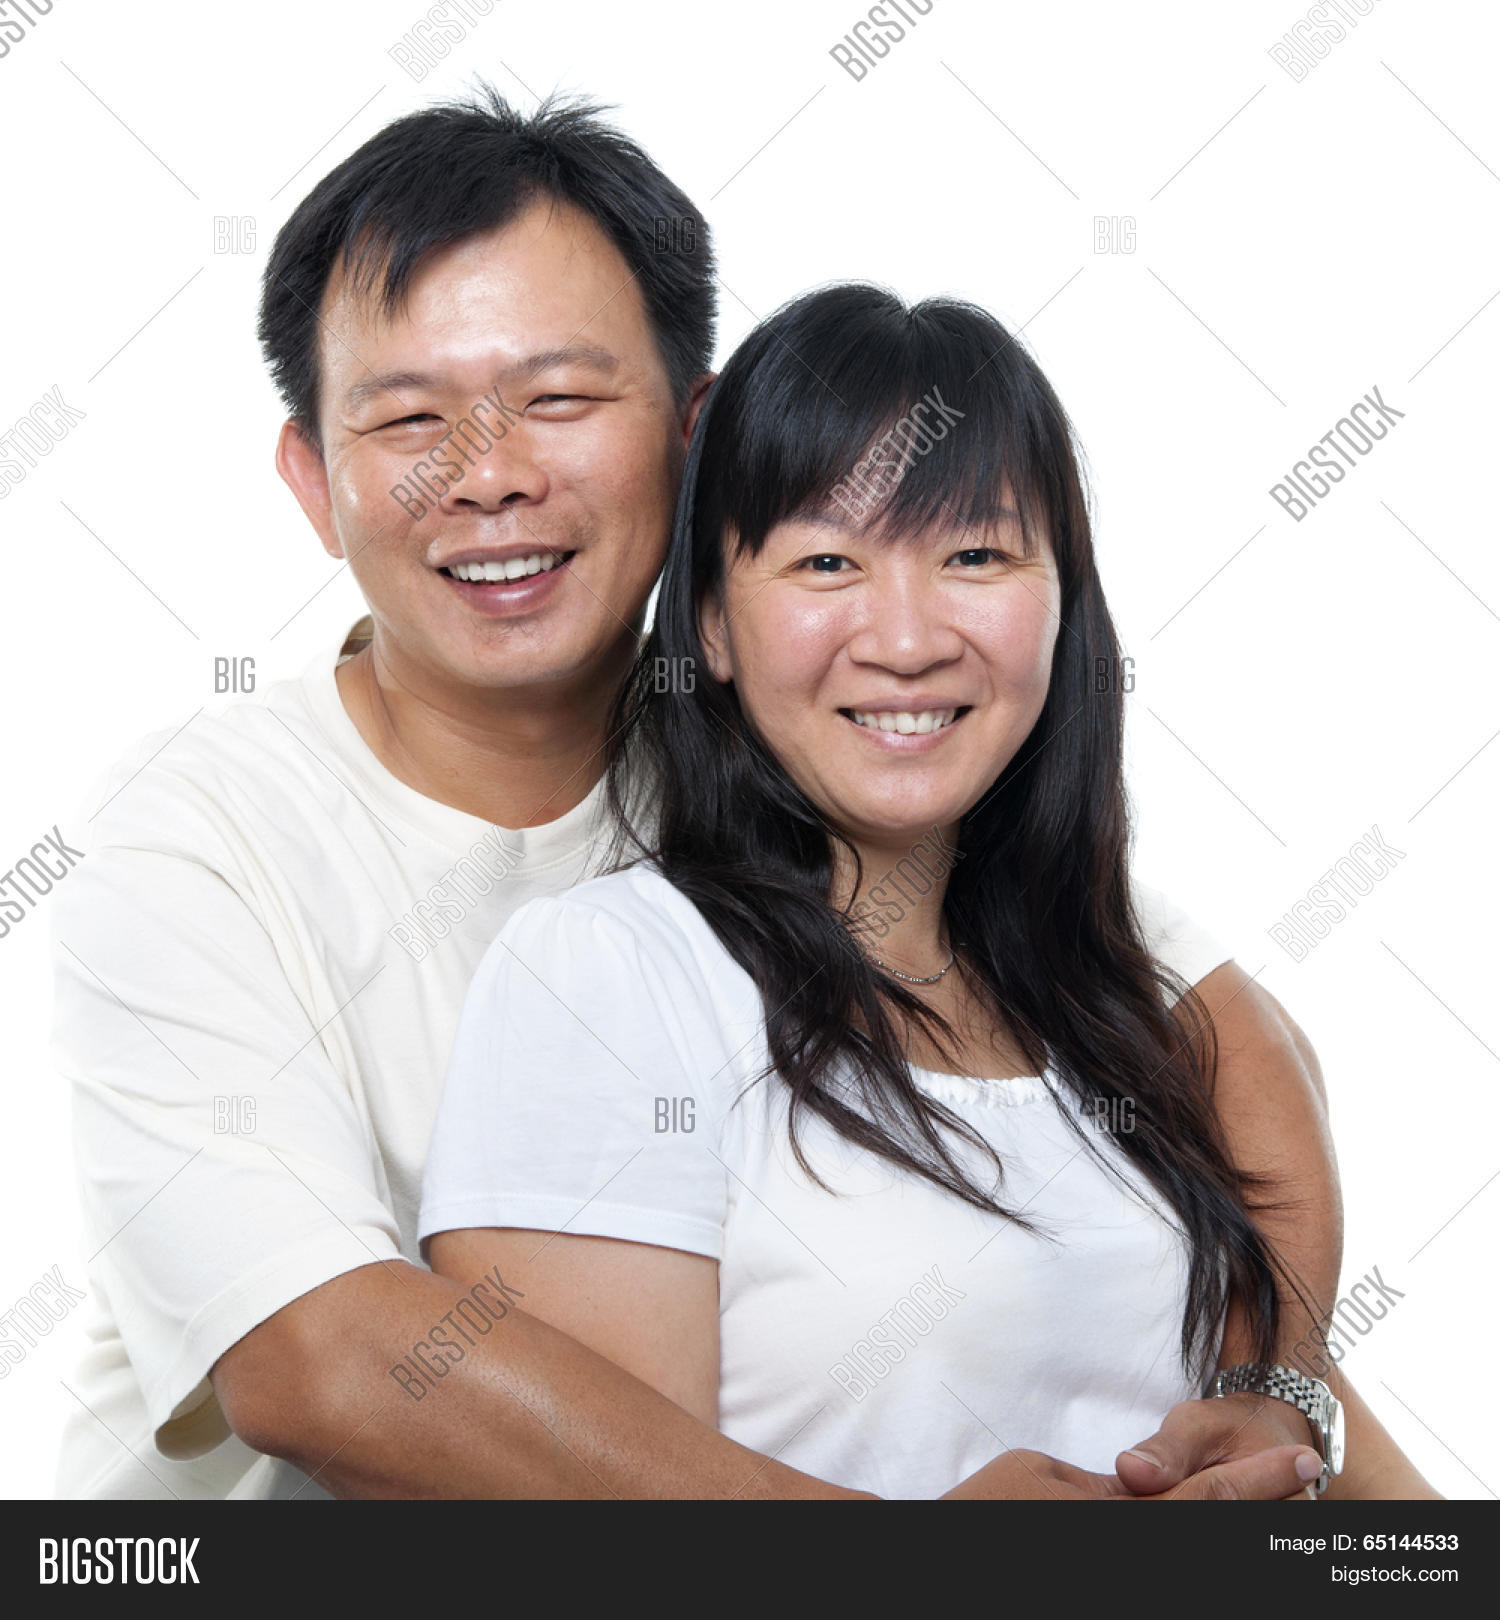 Big asian mature